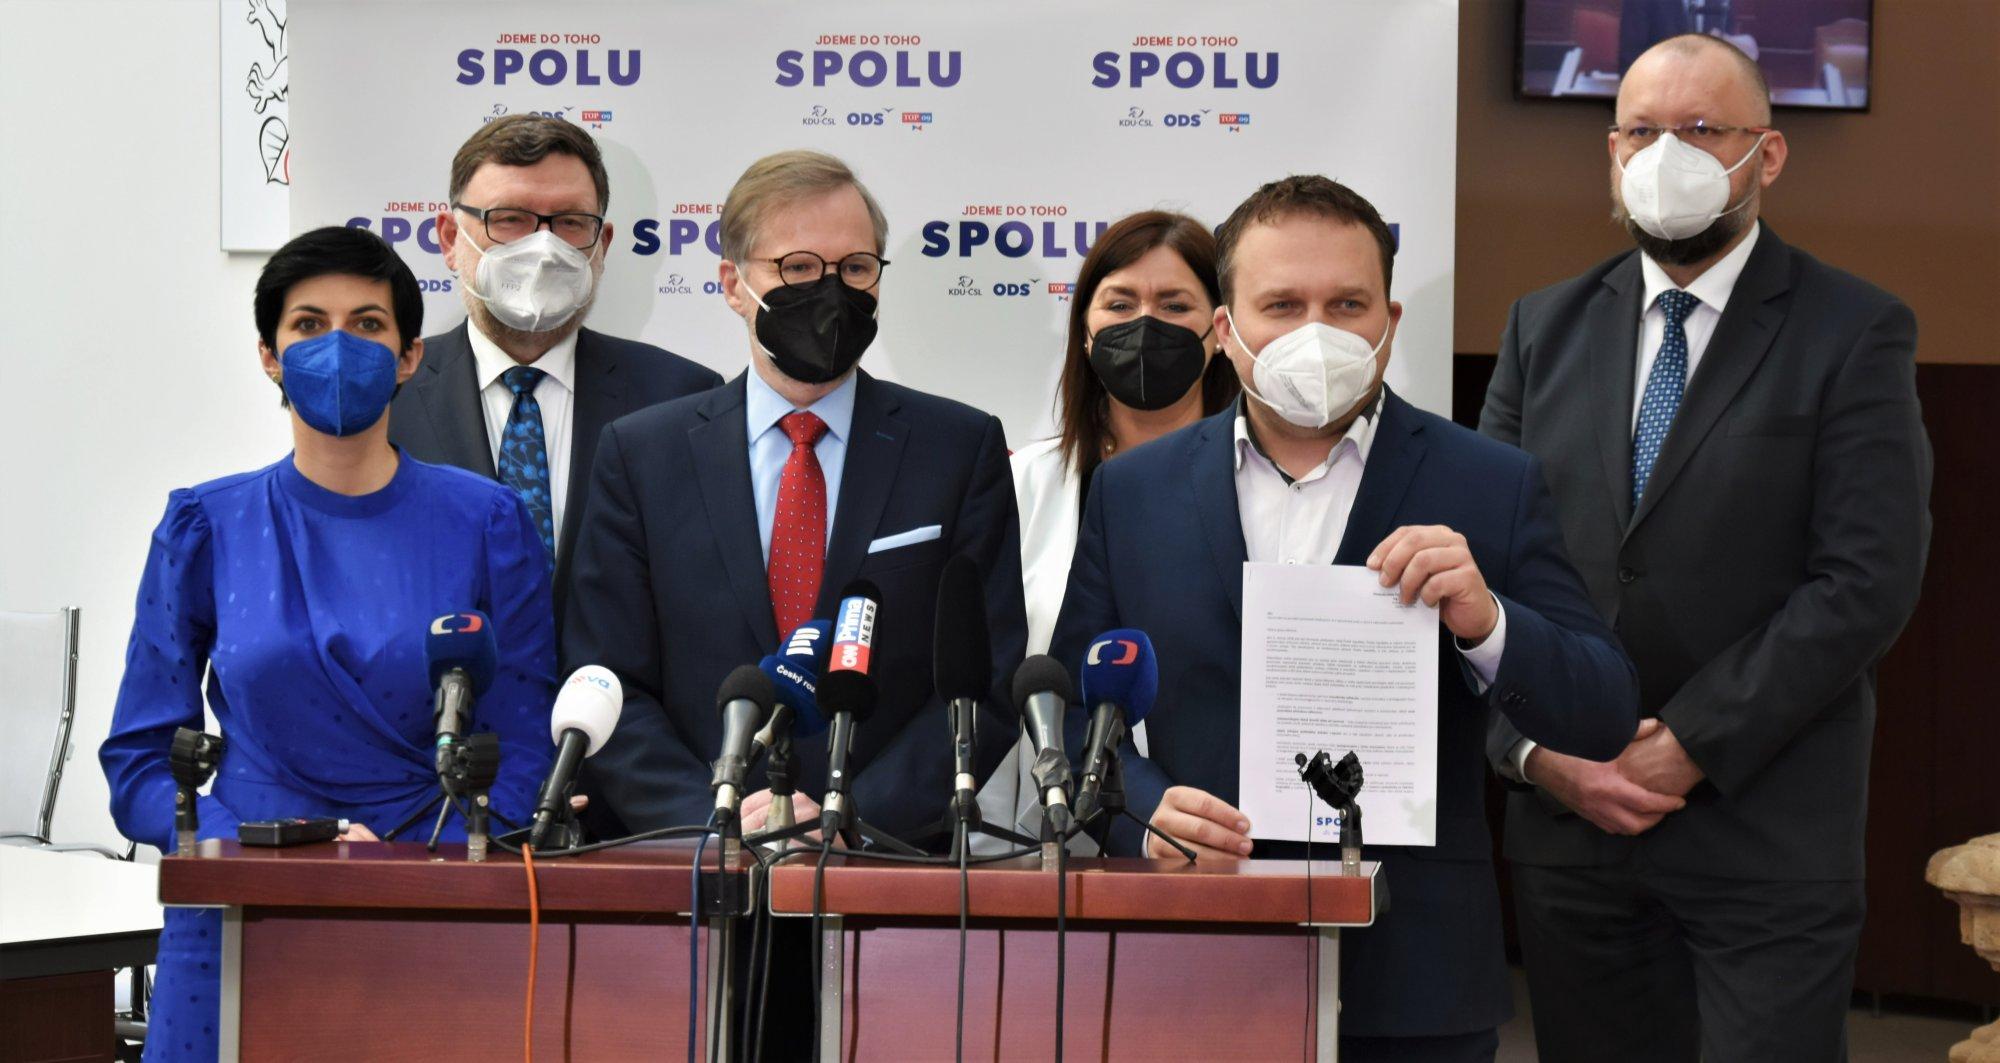 SPOLU: Nechceme asistovat u podezřelých vládních nákupů a zakrývat vládní neschopnost. Prodloužení nouzového stavu nepodpoříme